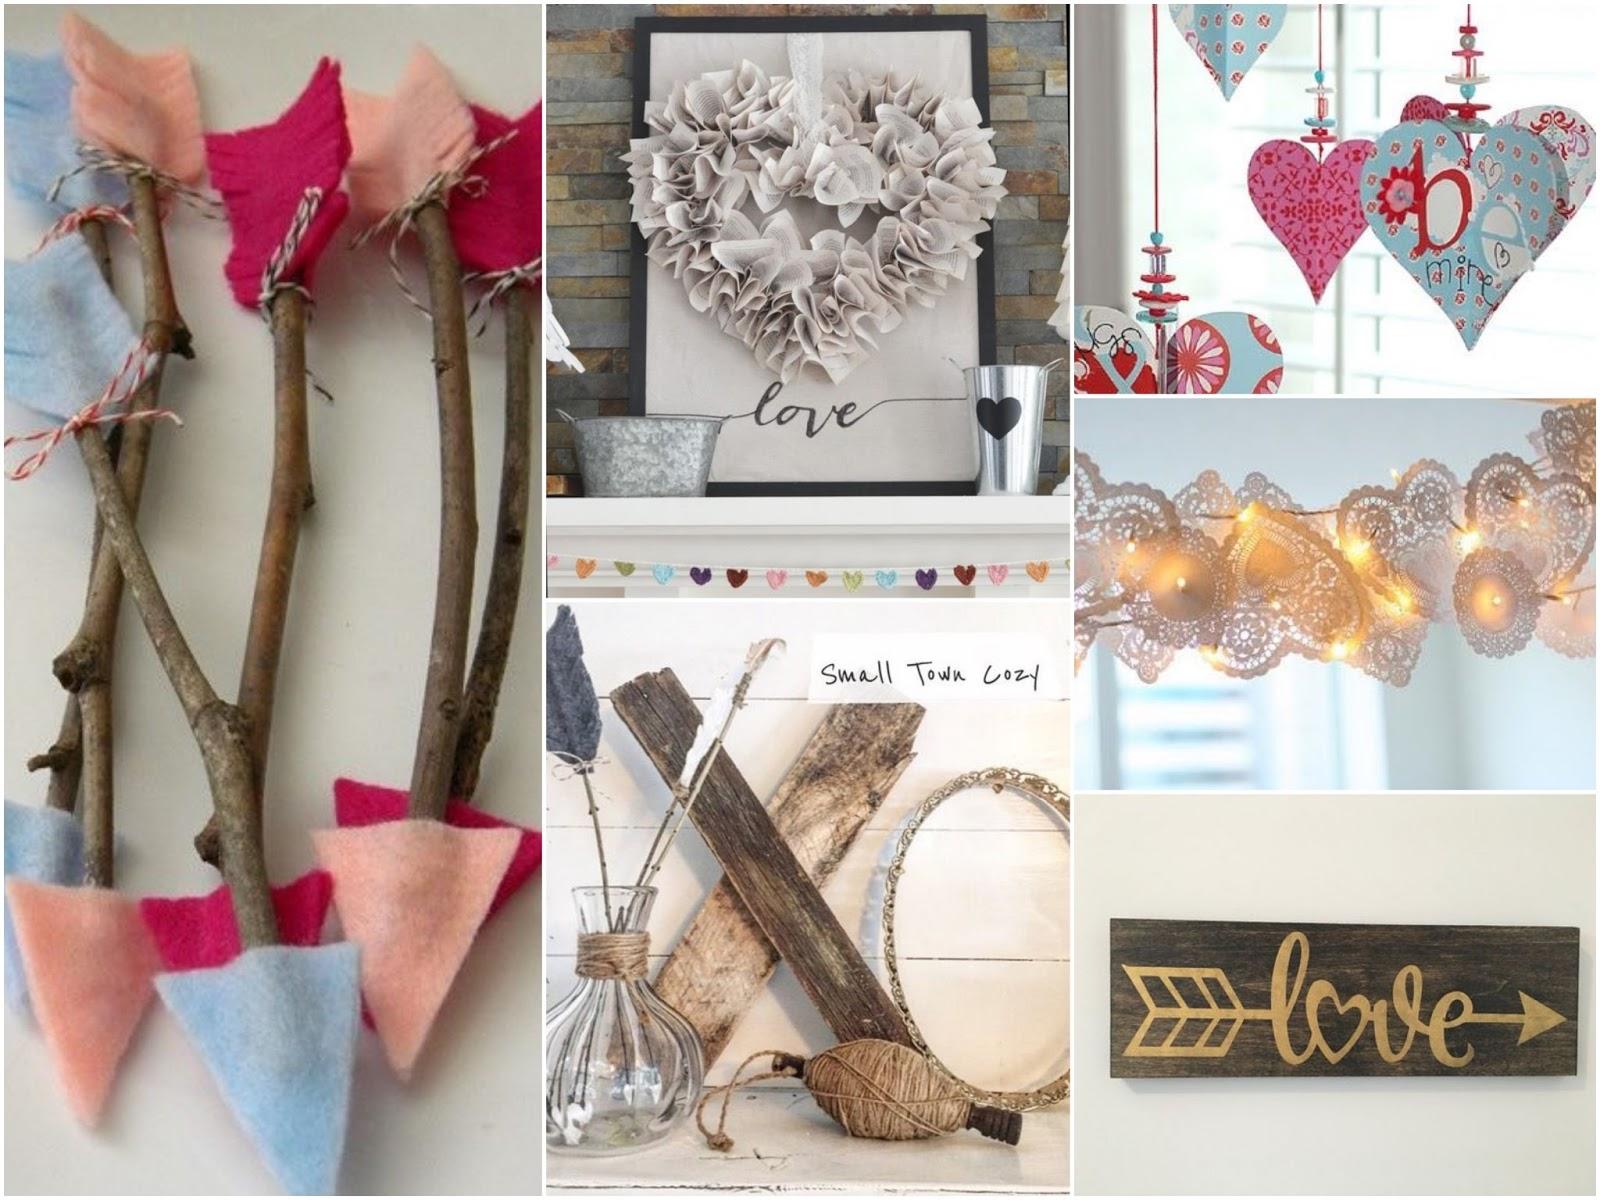 Pomysły Na Walentynkowe Dekoracje I Niespodzianki Mieszkanie Marzeń